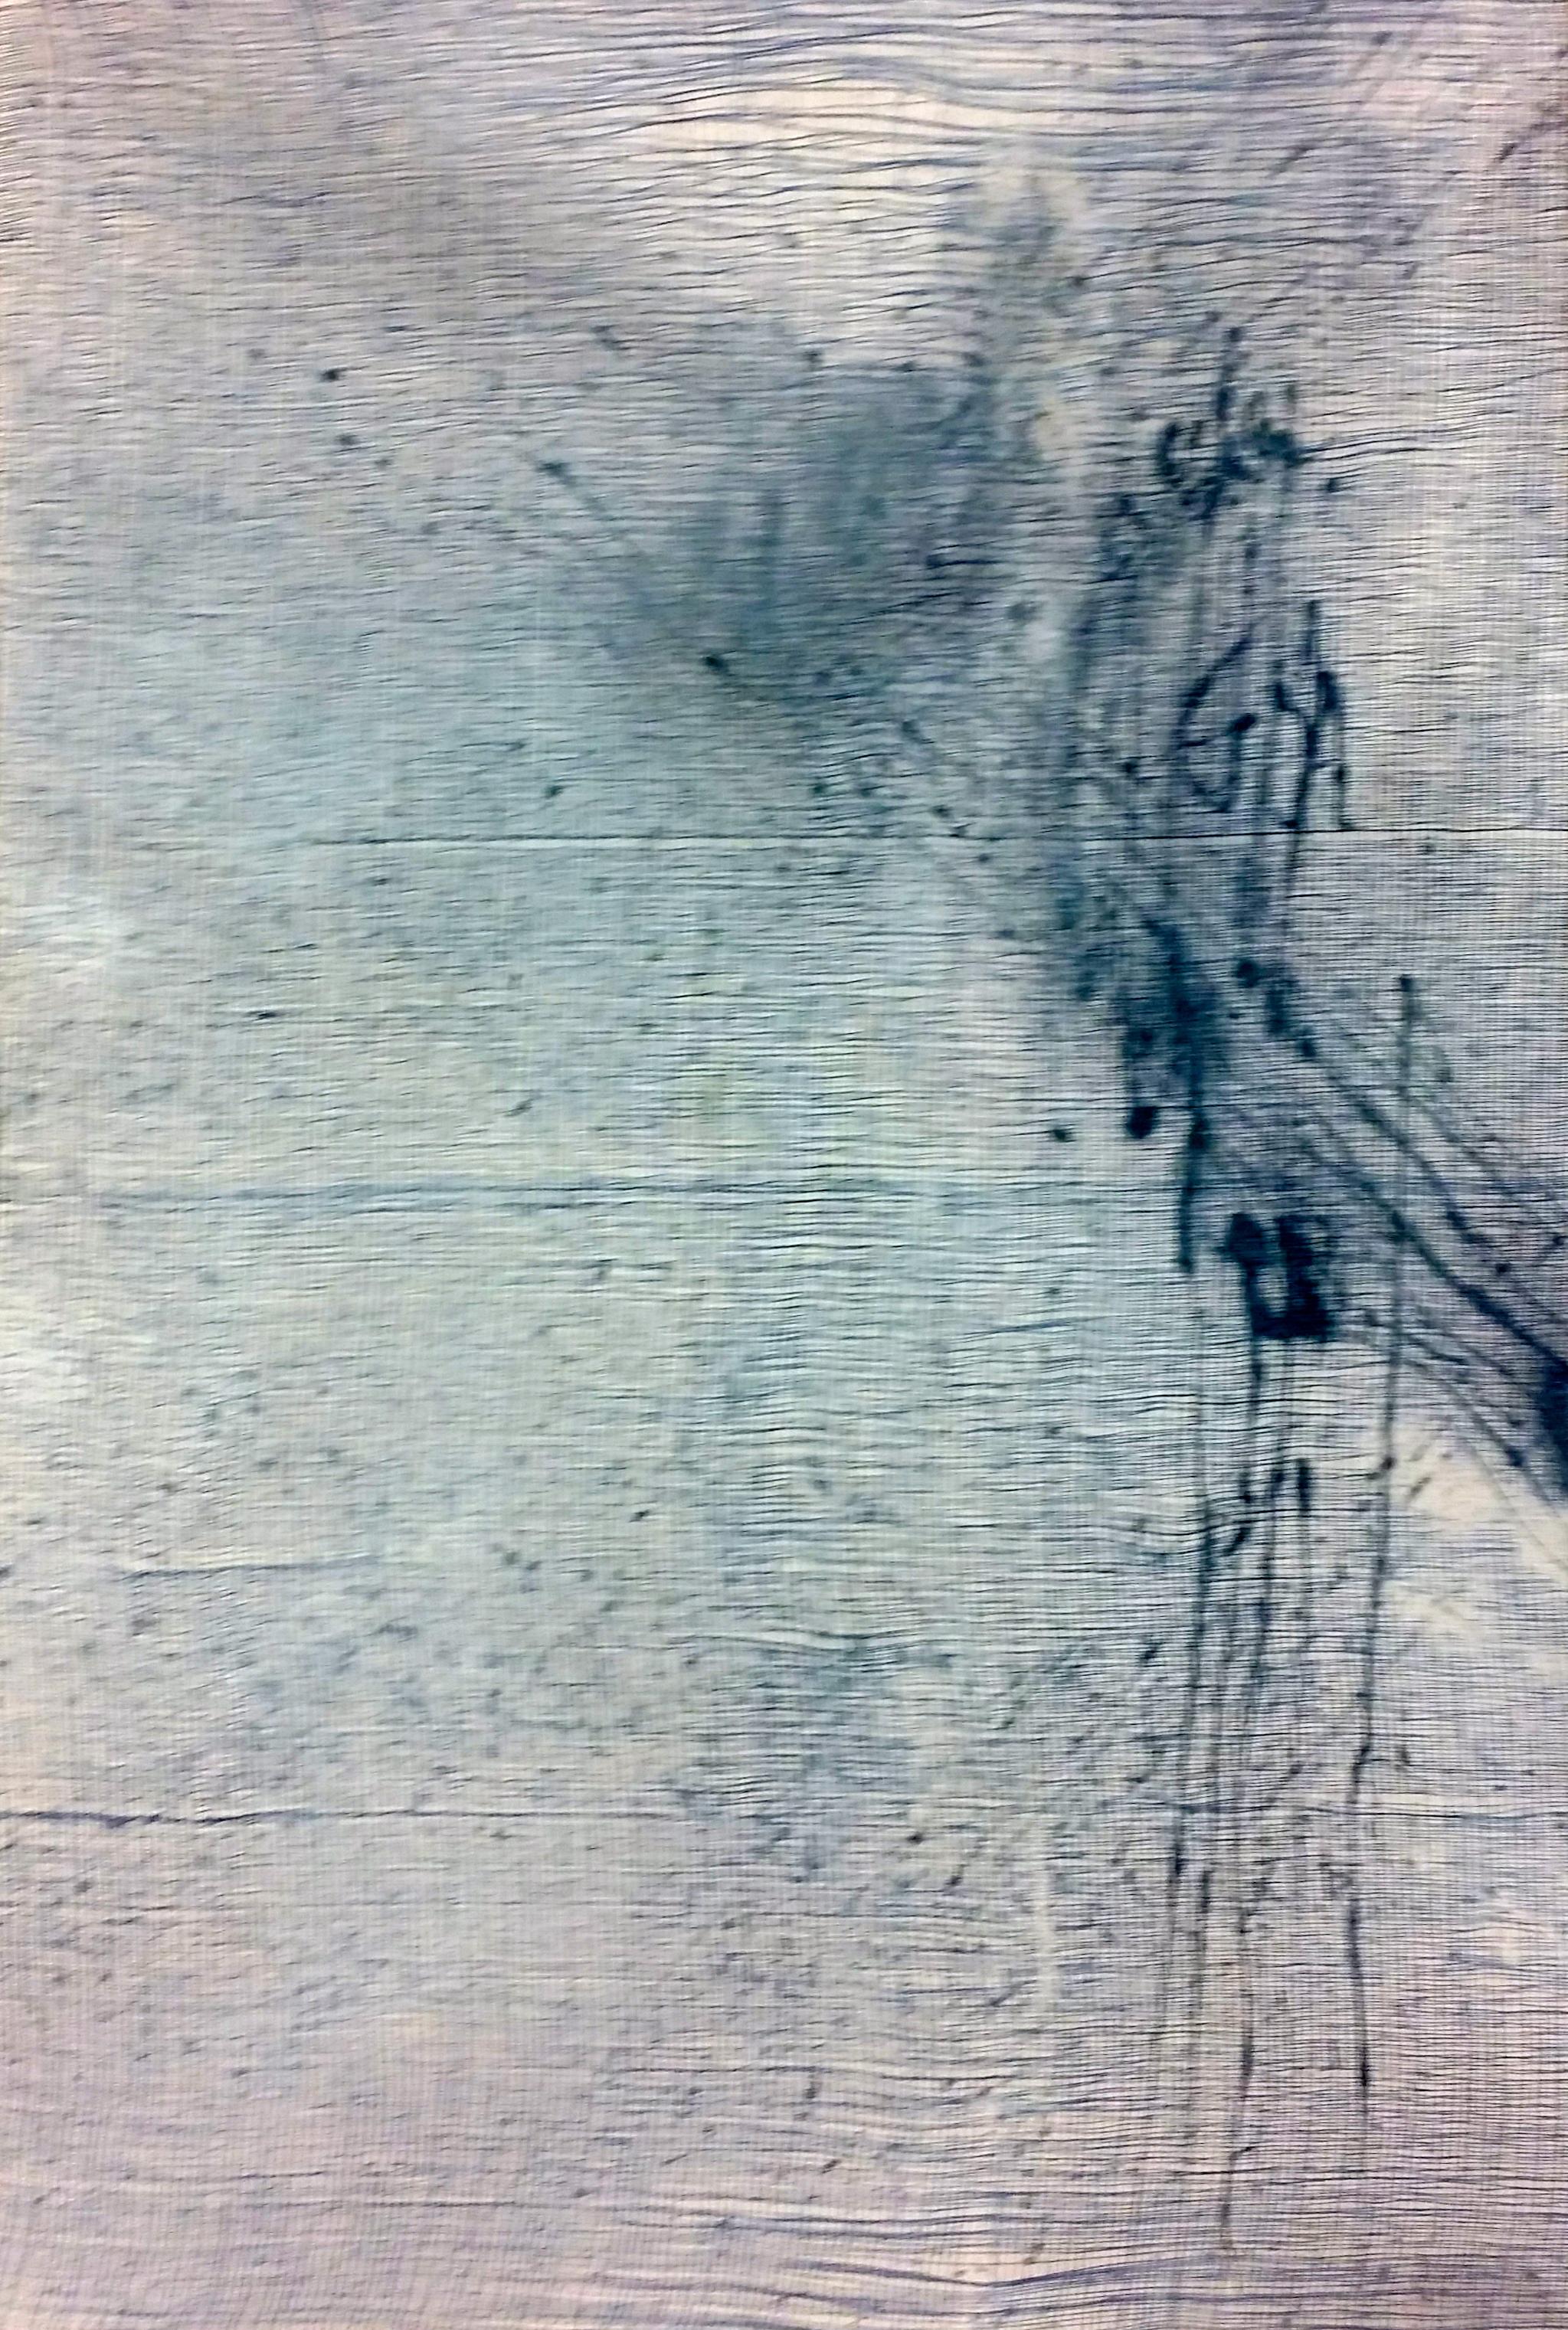 Sonata per Violino, 2015 36 x 24 inches